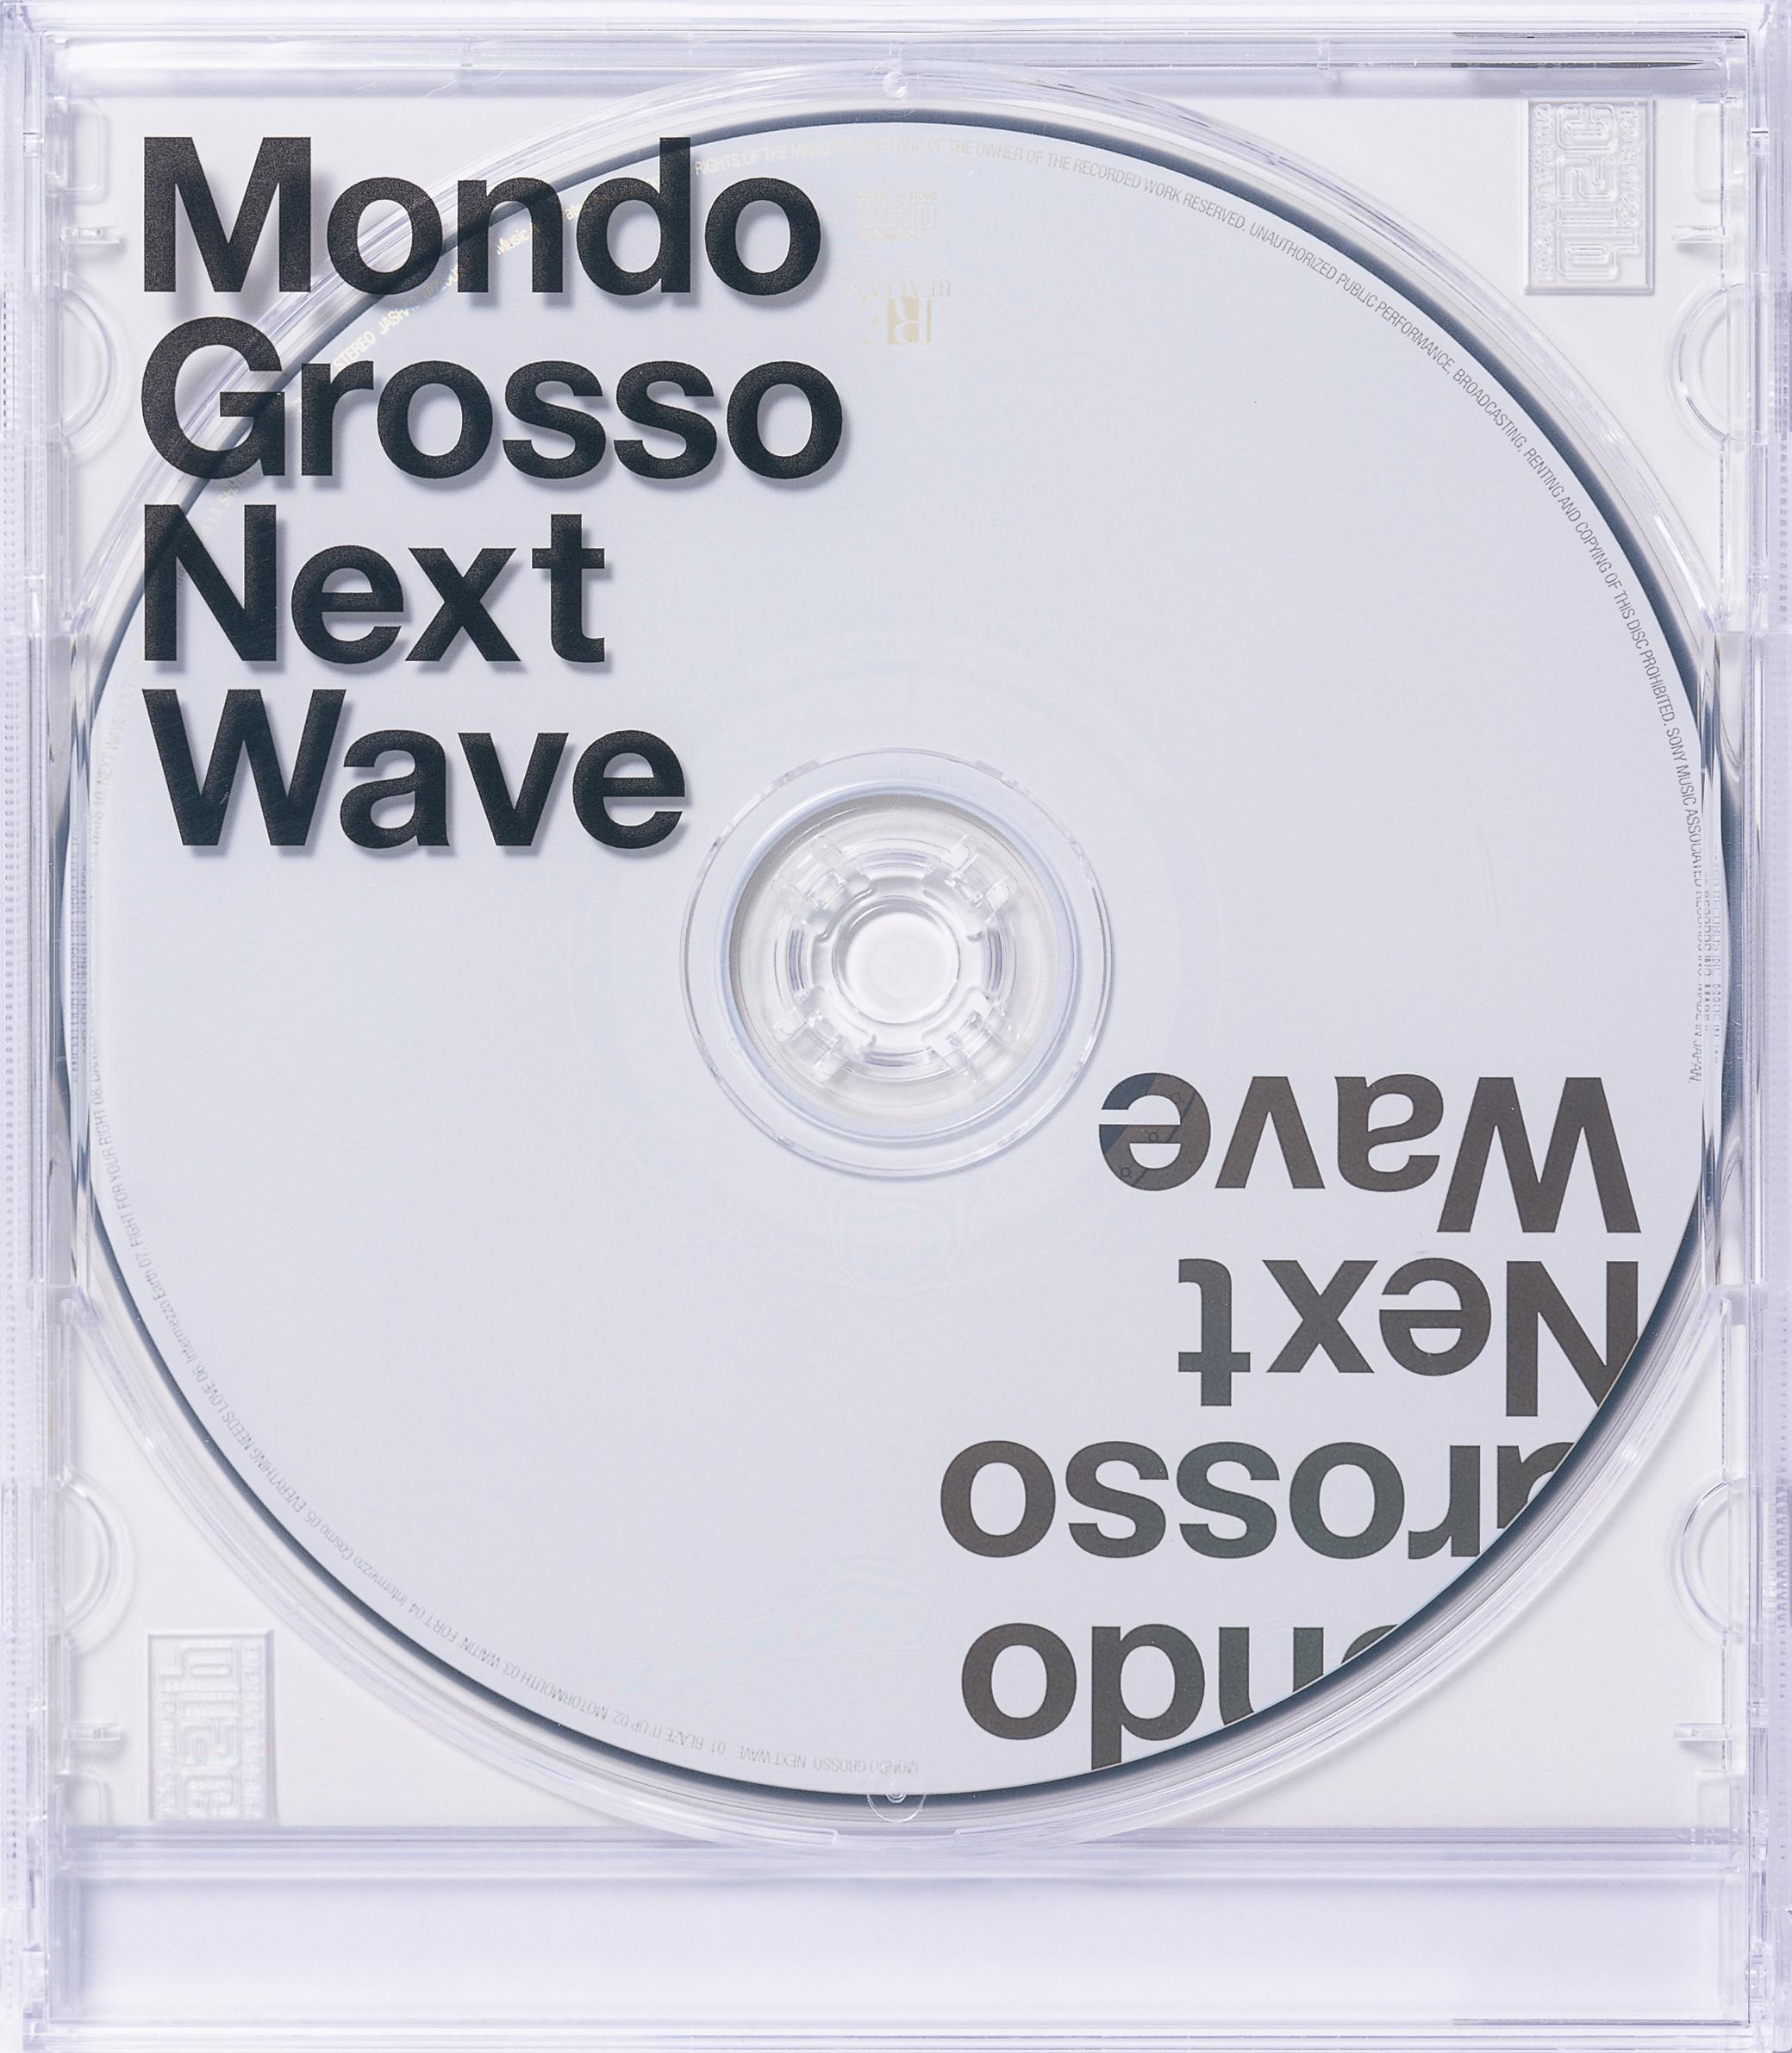 MONDO GROSSO「Next Wave」